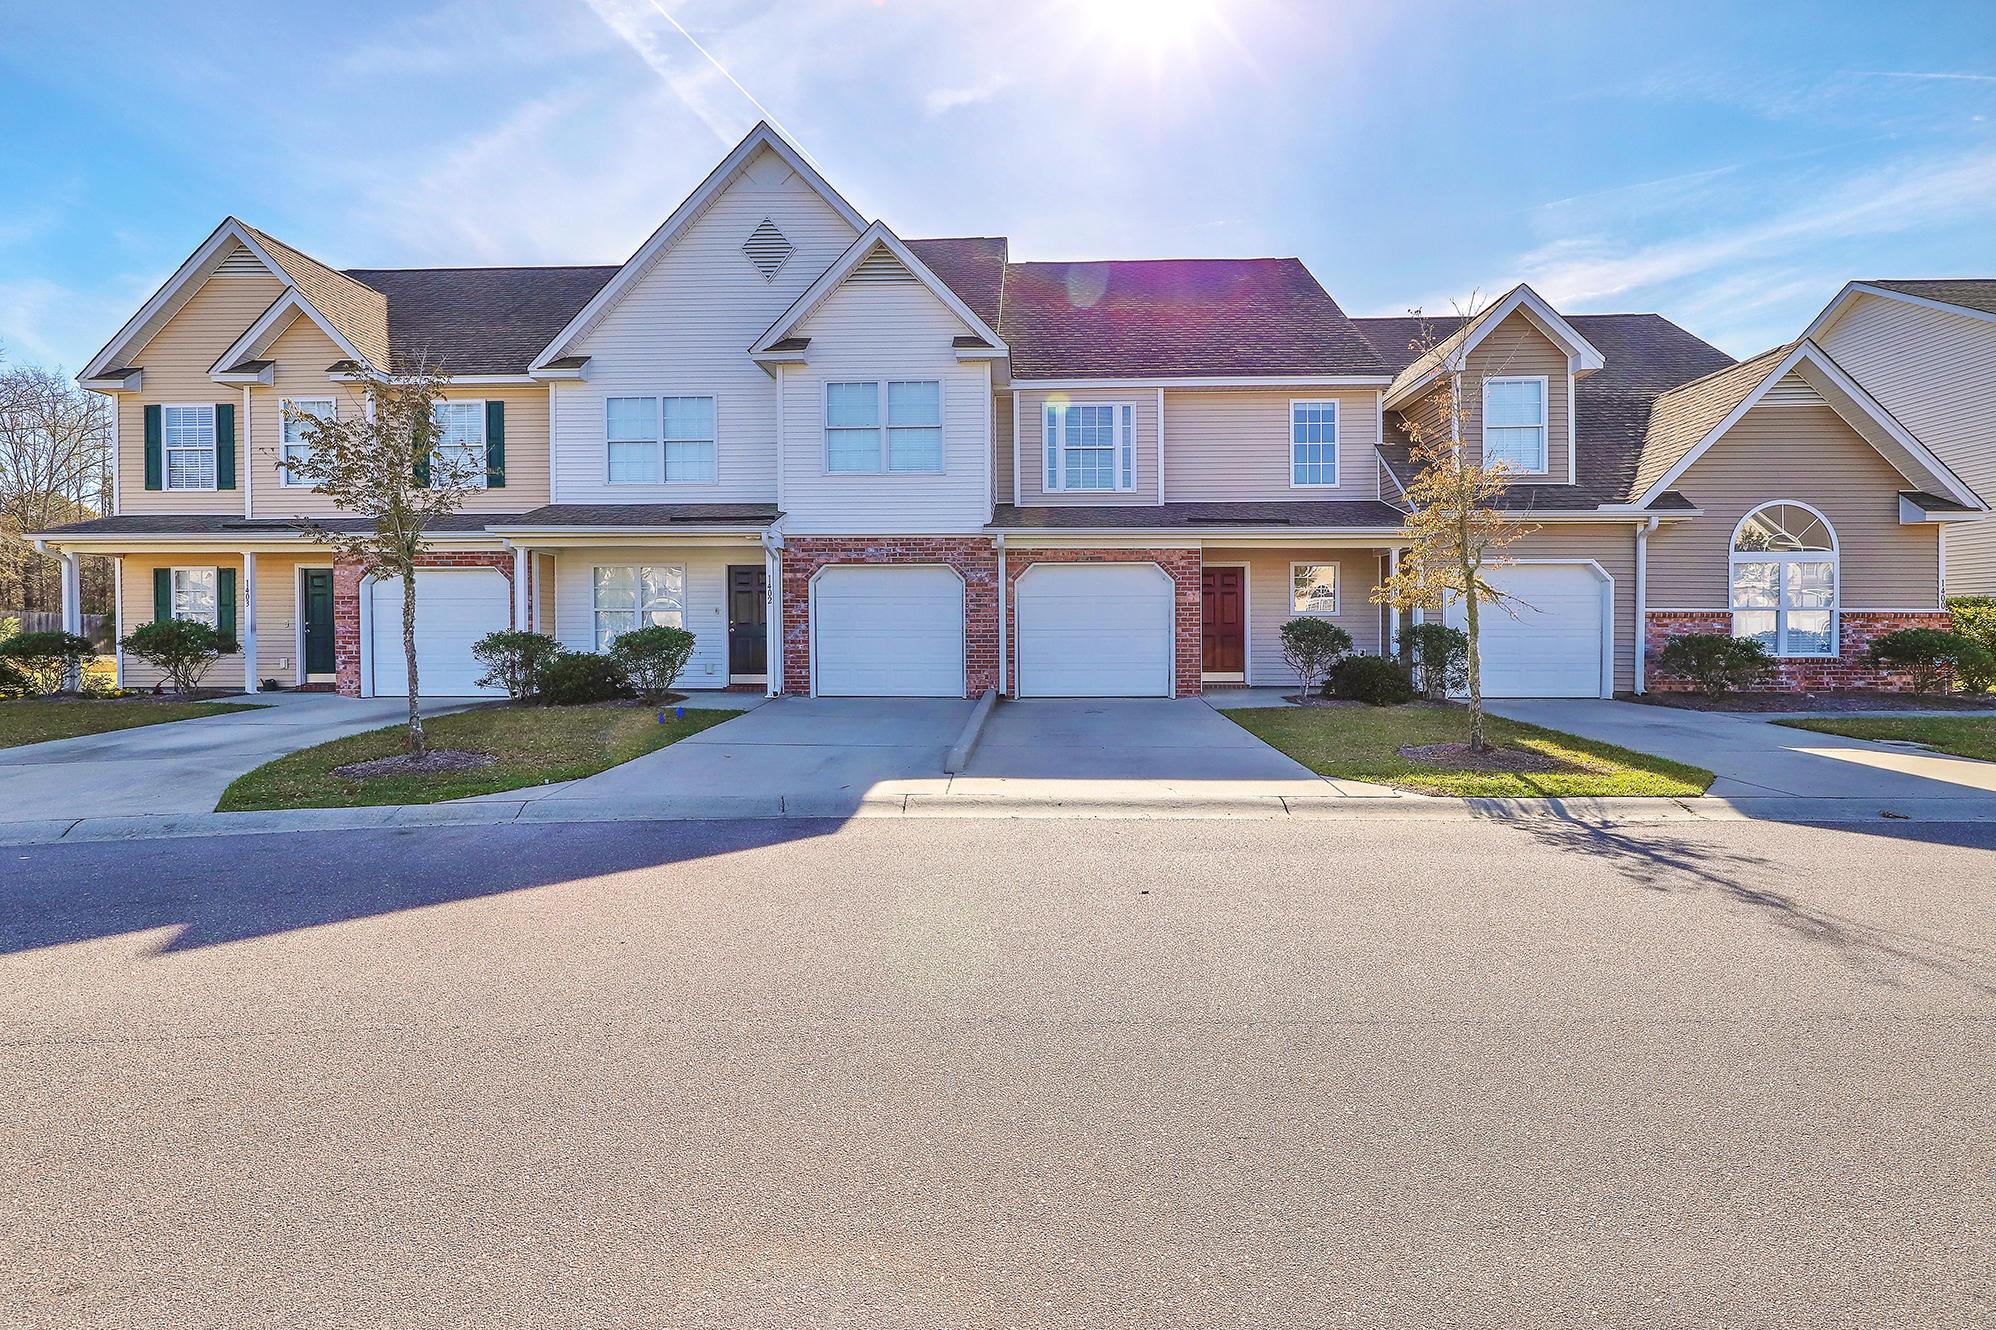 1401 Poplar Grove Place Summerville, SC 29483